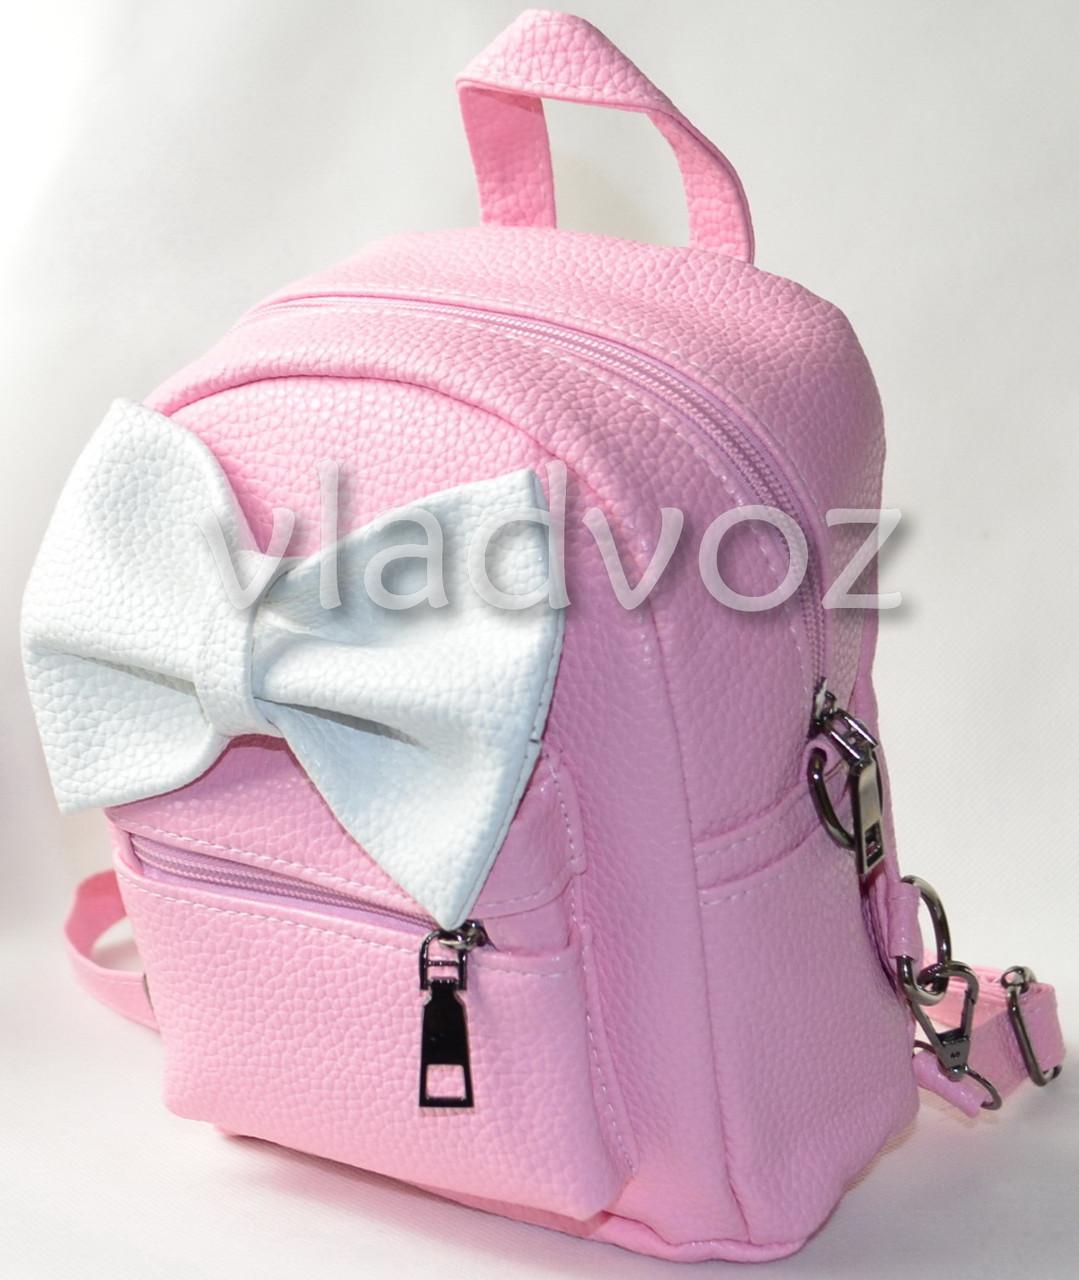 f964ef7c66ef Молодежный модный рюкзак подросток девочка с бантиком розовый - интернет  магазин vladvoz.in.ua